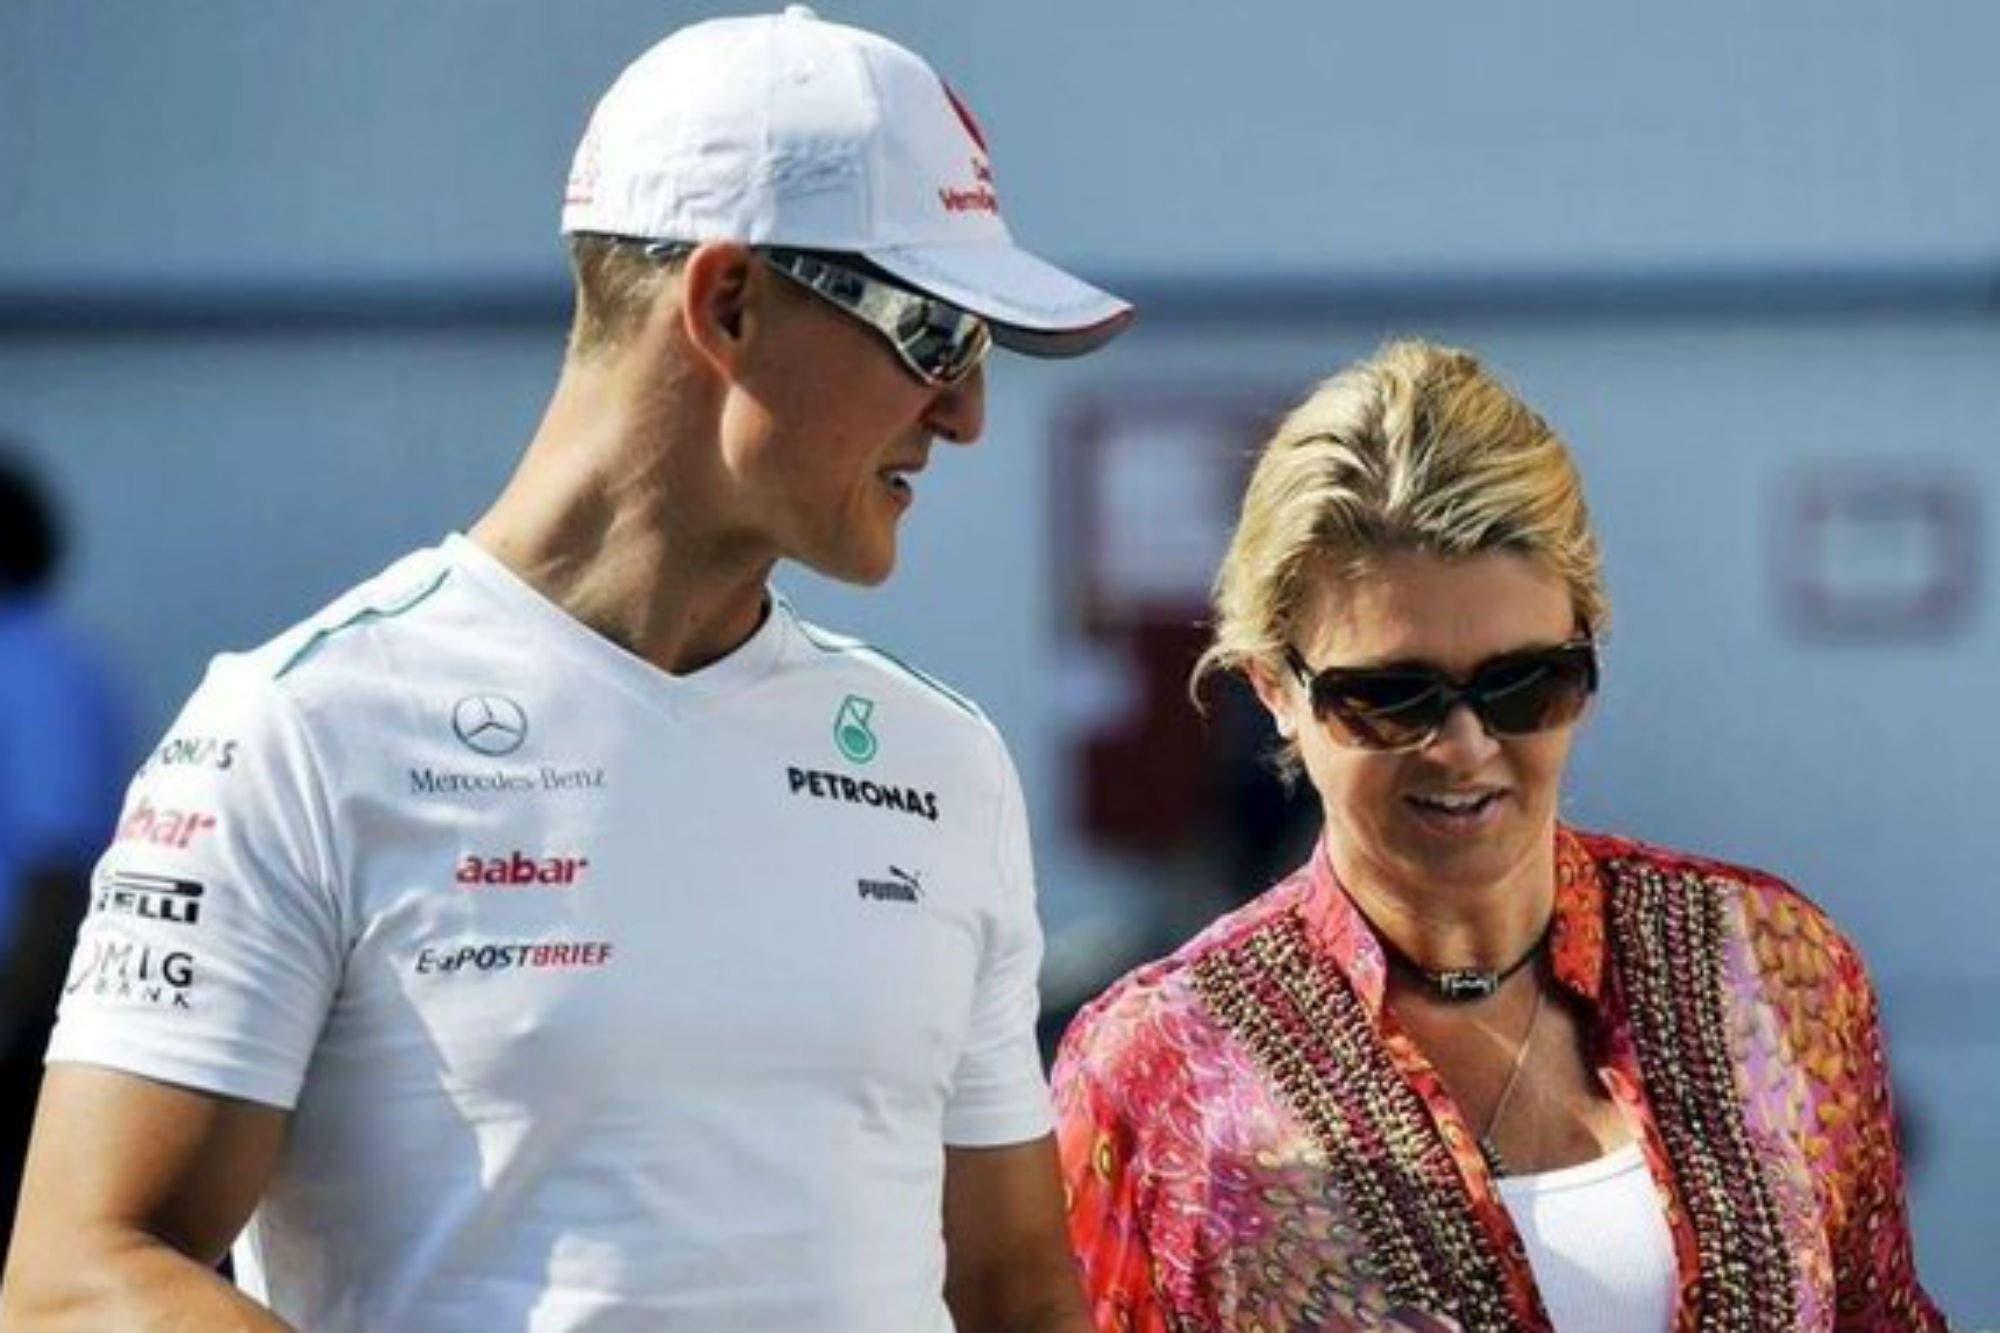 La mujer de Michael Schumacher denunció que tomaron fotos del piloto postrado y se ofrecen por un millón de euros